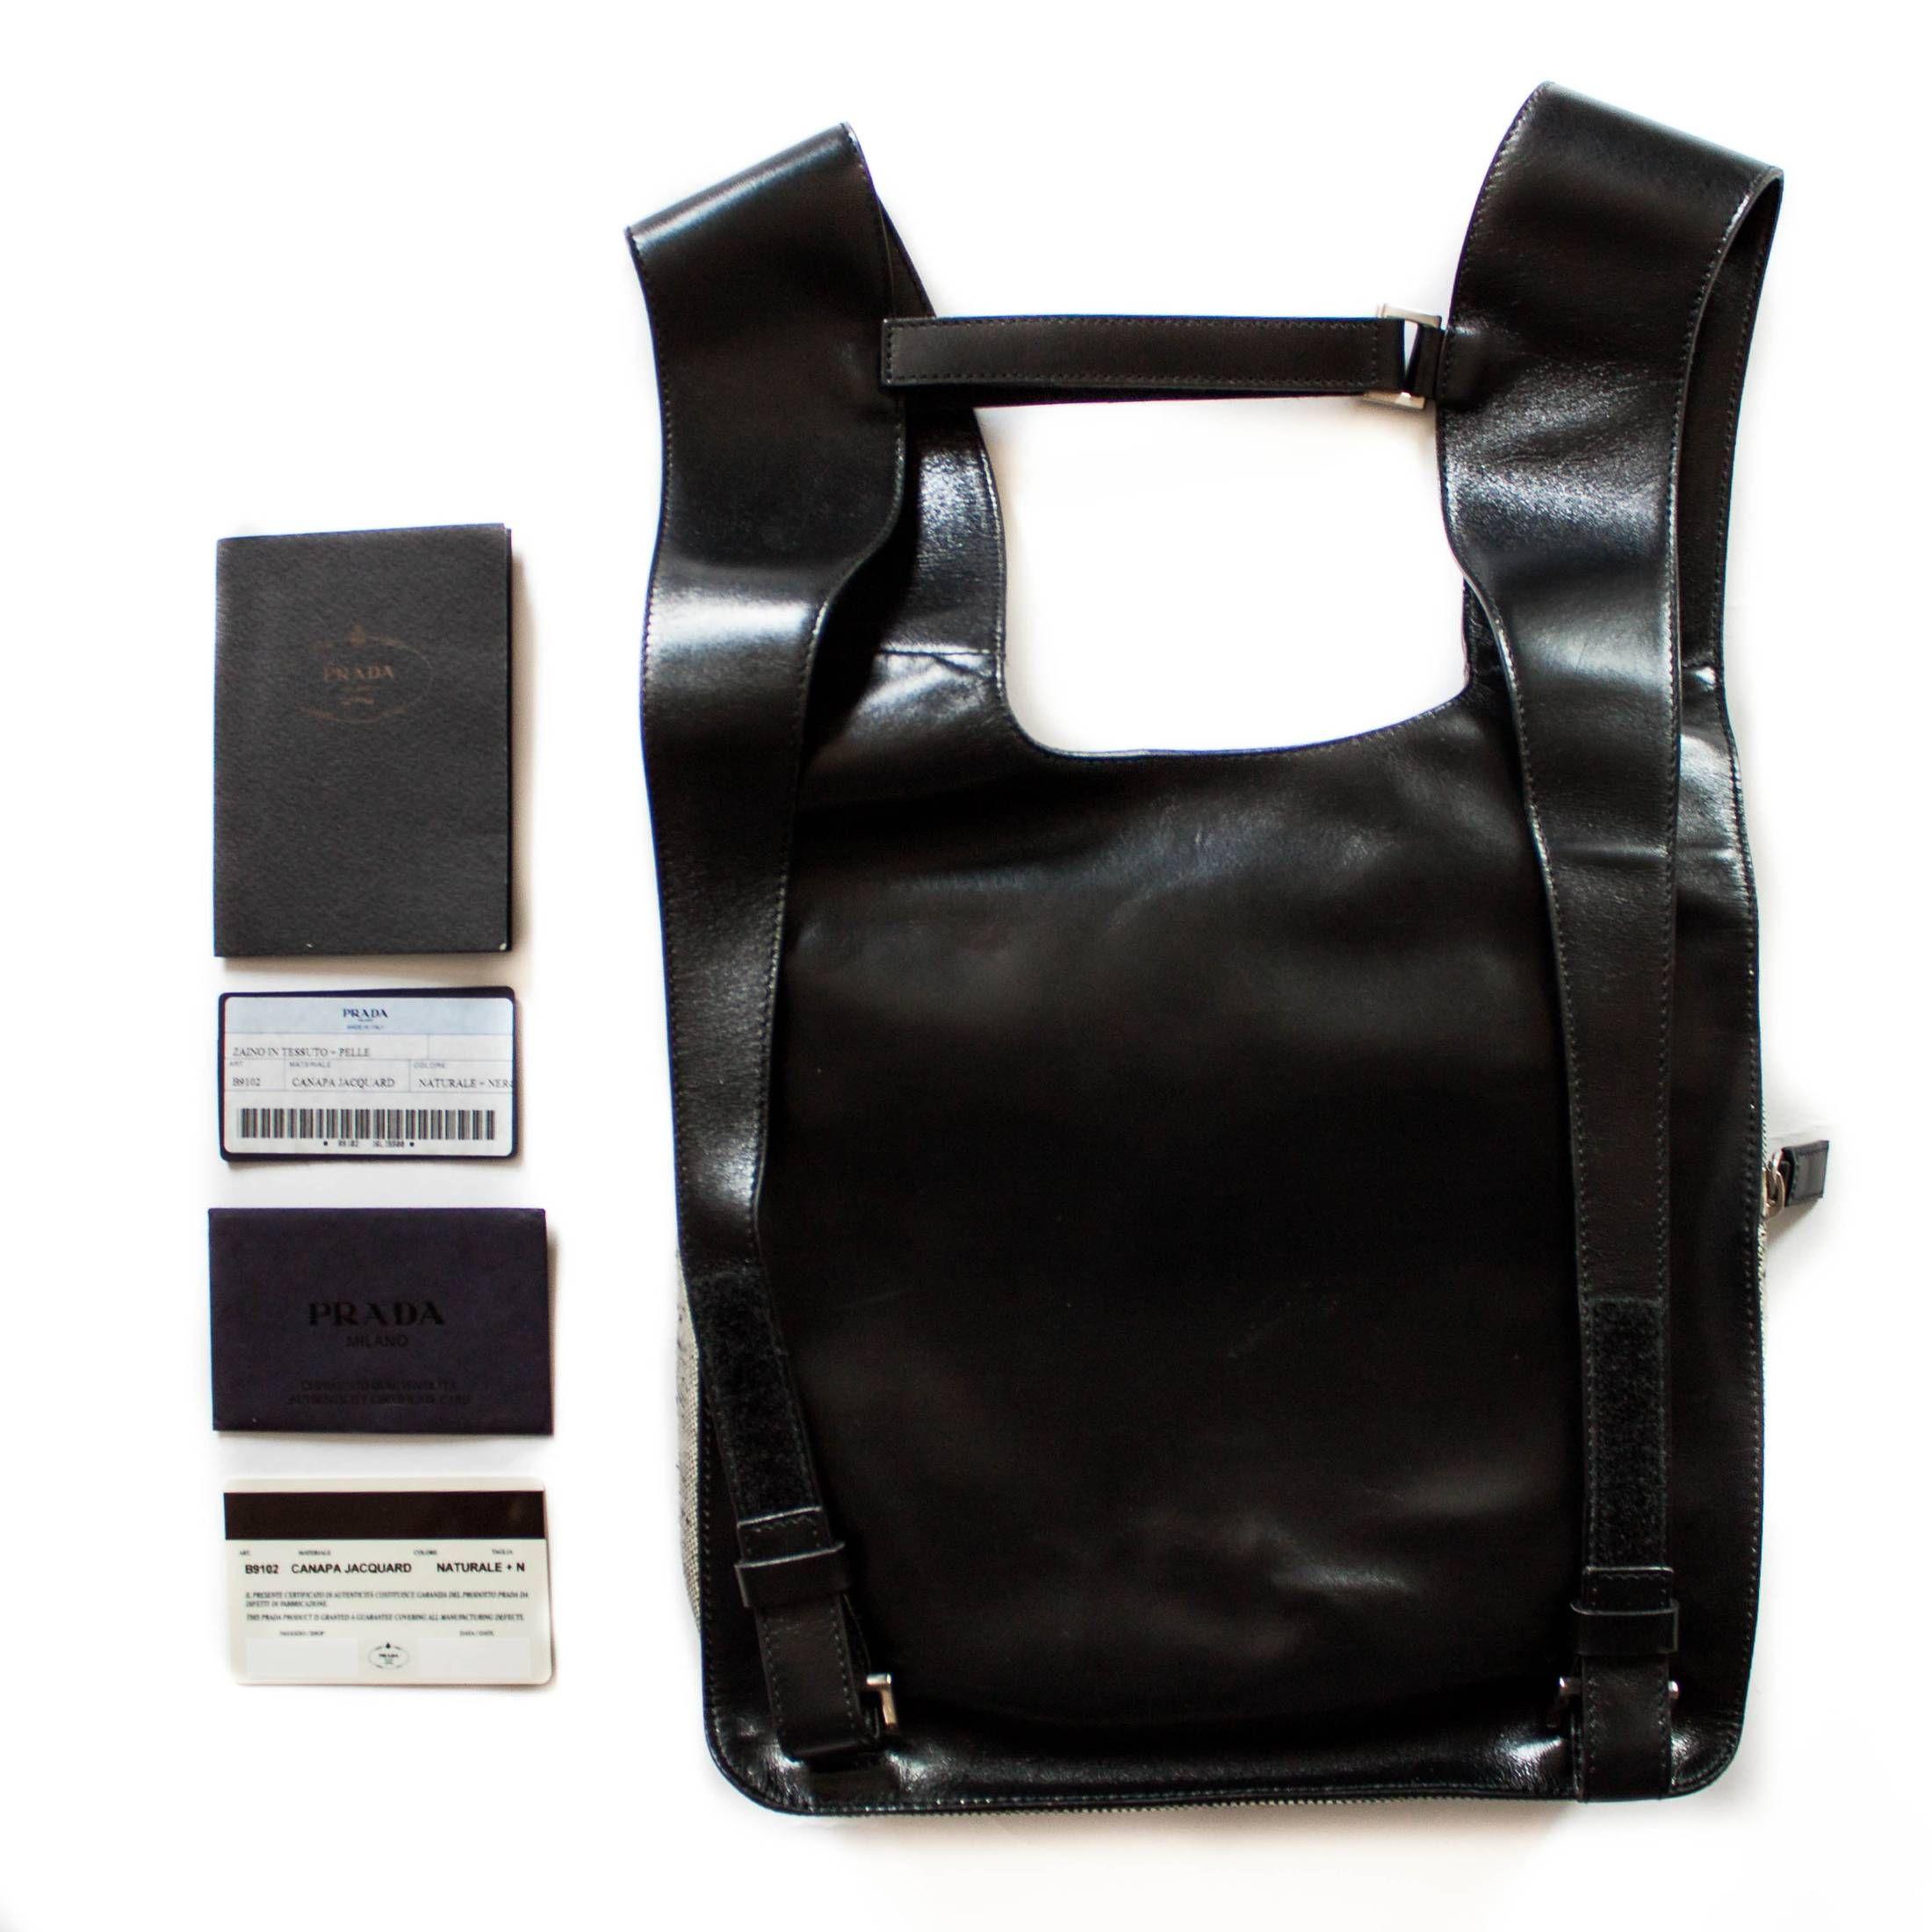 7eecc34c6681 Prada Spring 1999 Bum Bag in Green | bag | Prada spring, Bags, Prada